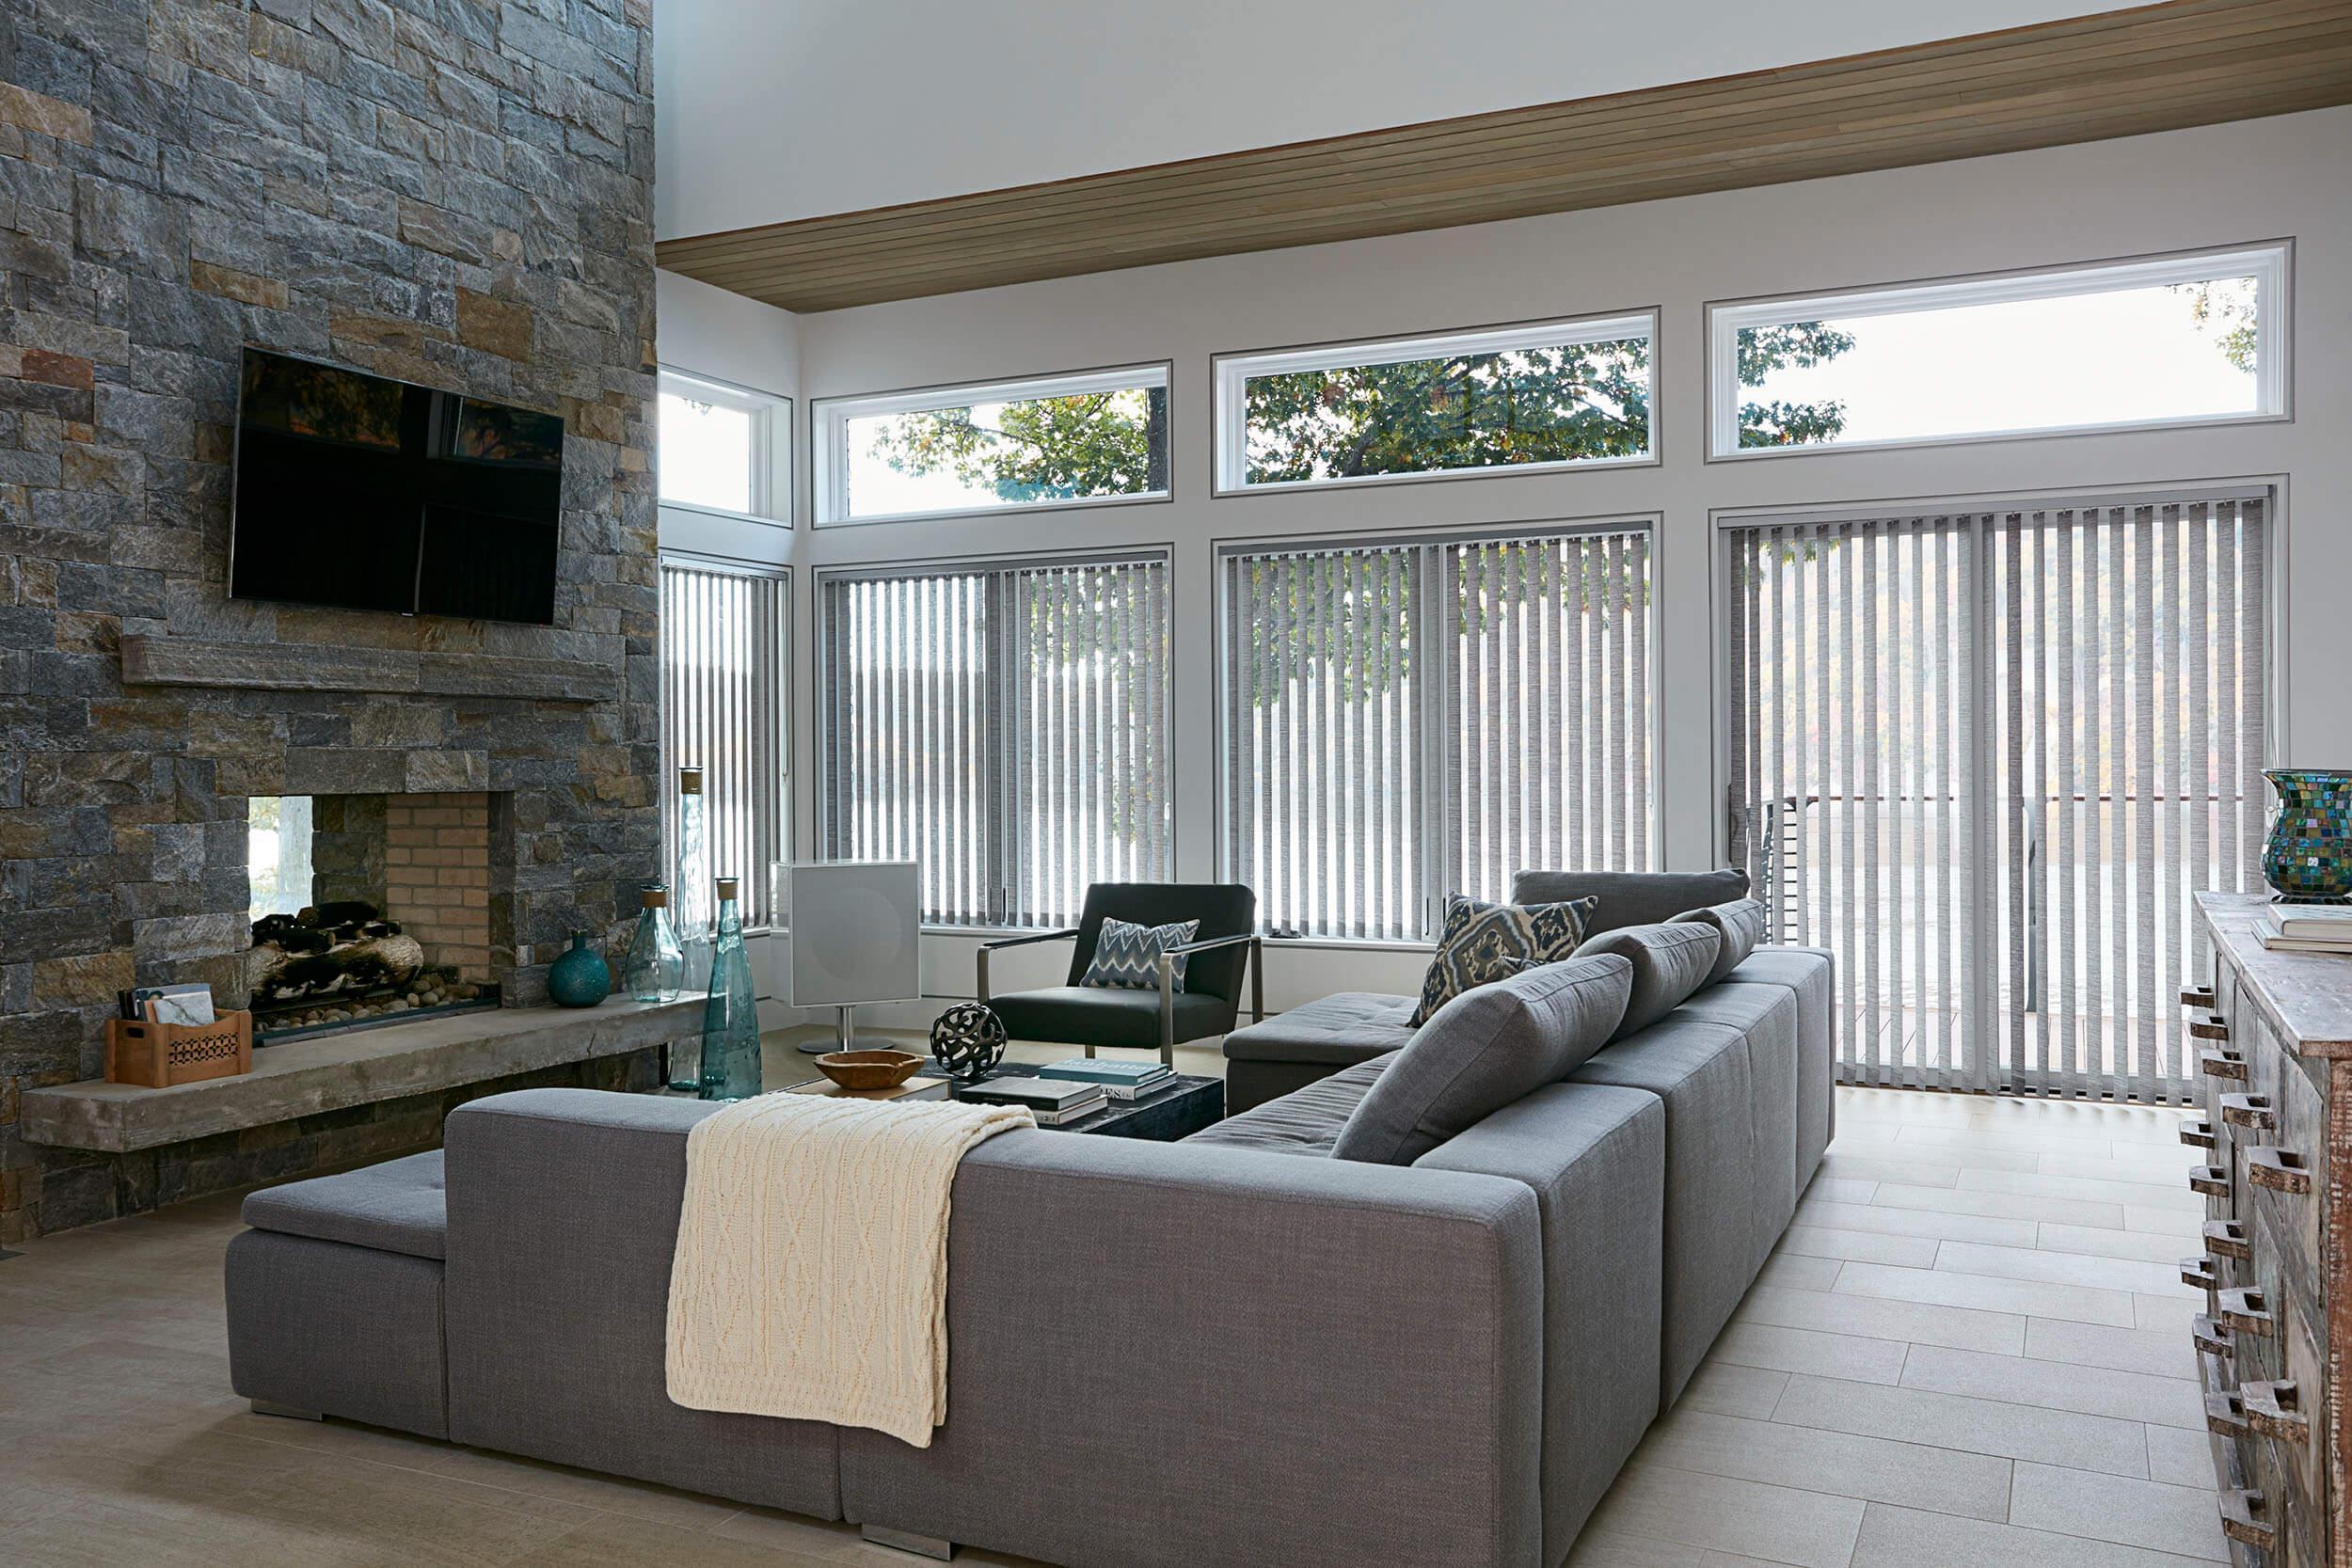 Stores verticaux faits avec un tissu texturé beige et brun dans une salle familiale aux hautes fenêtres avoisinantes.